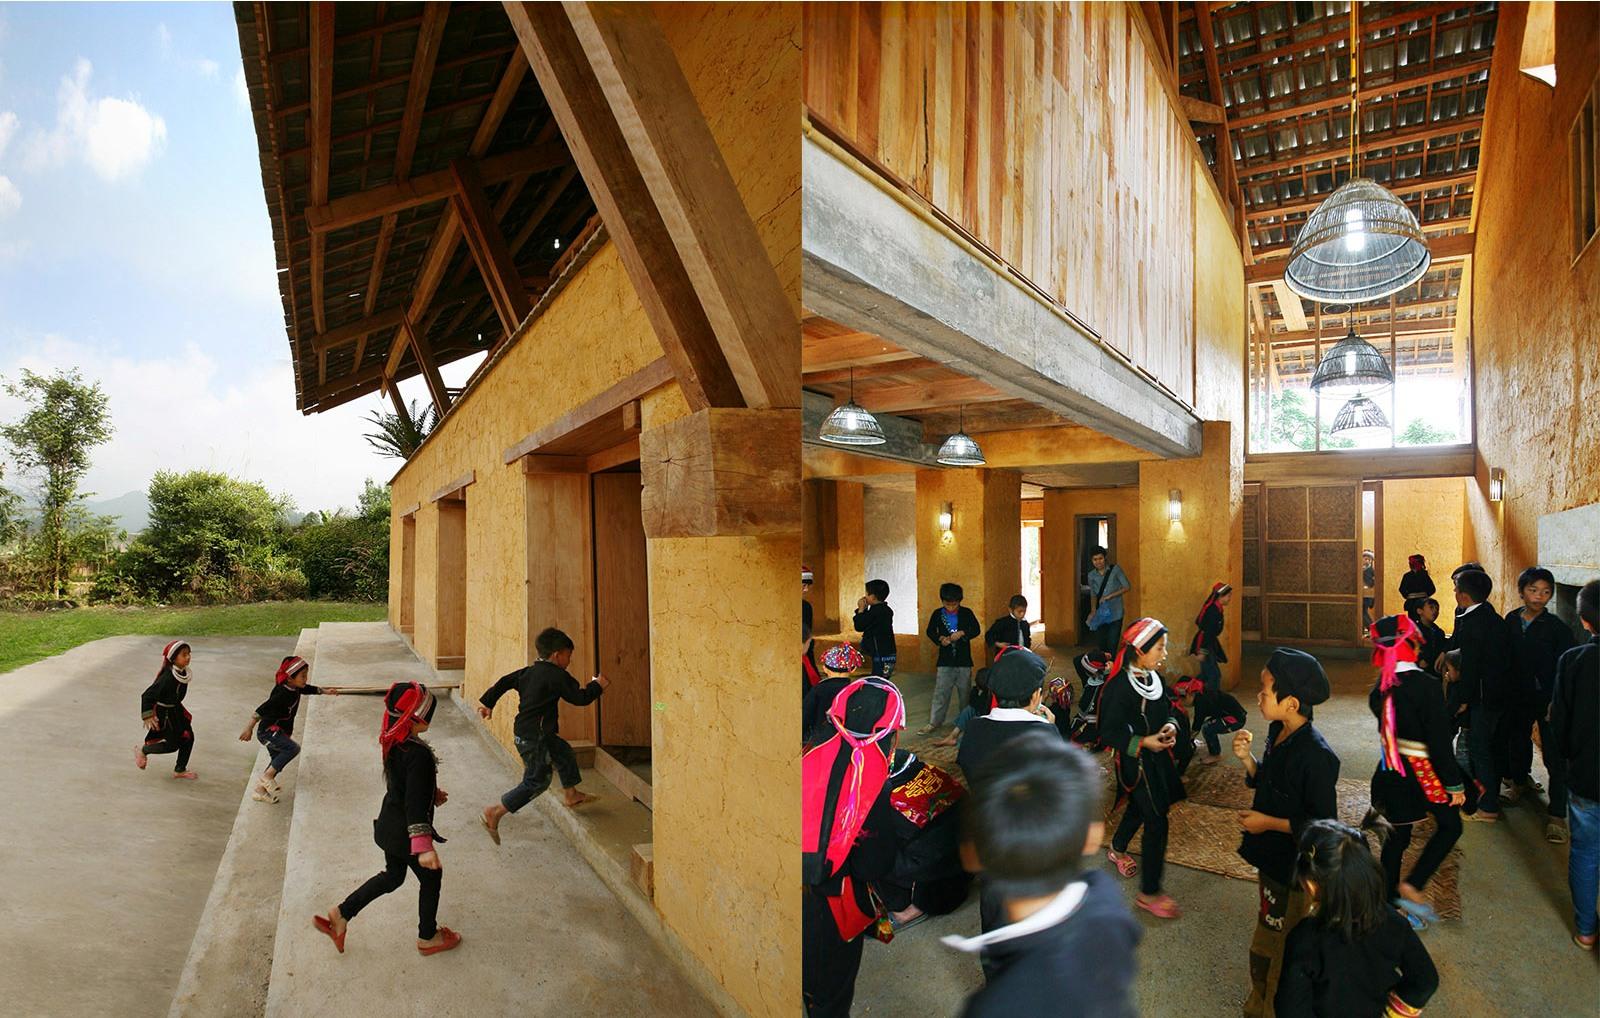 Hoàng Thúc Hào thắng giải dành cho kiến trúc sư nổi bật ở châu Á - Ảnh 7.